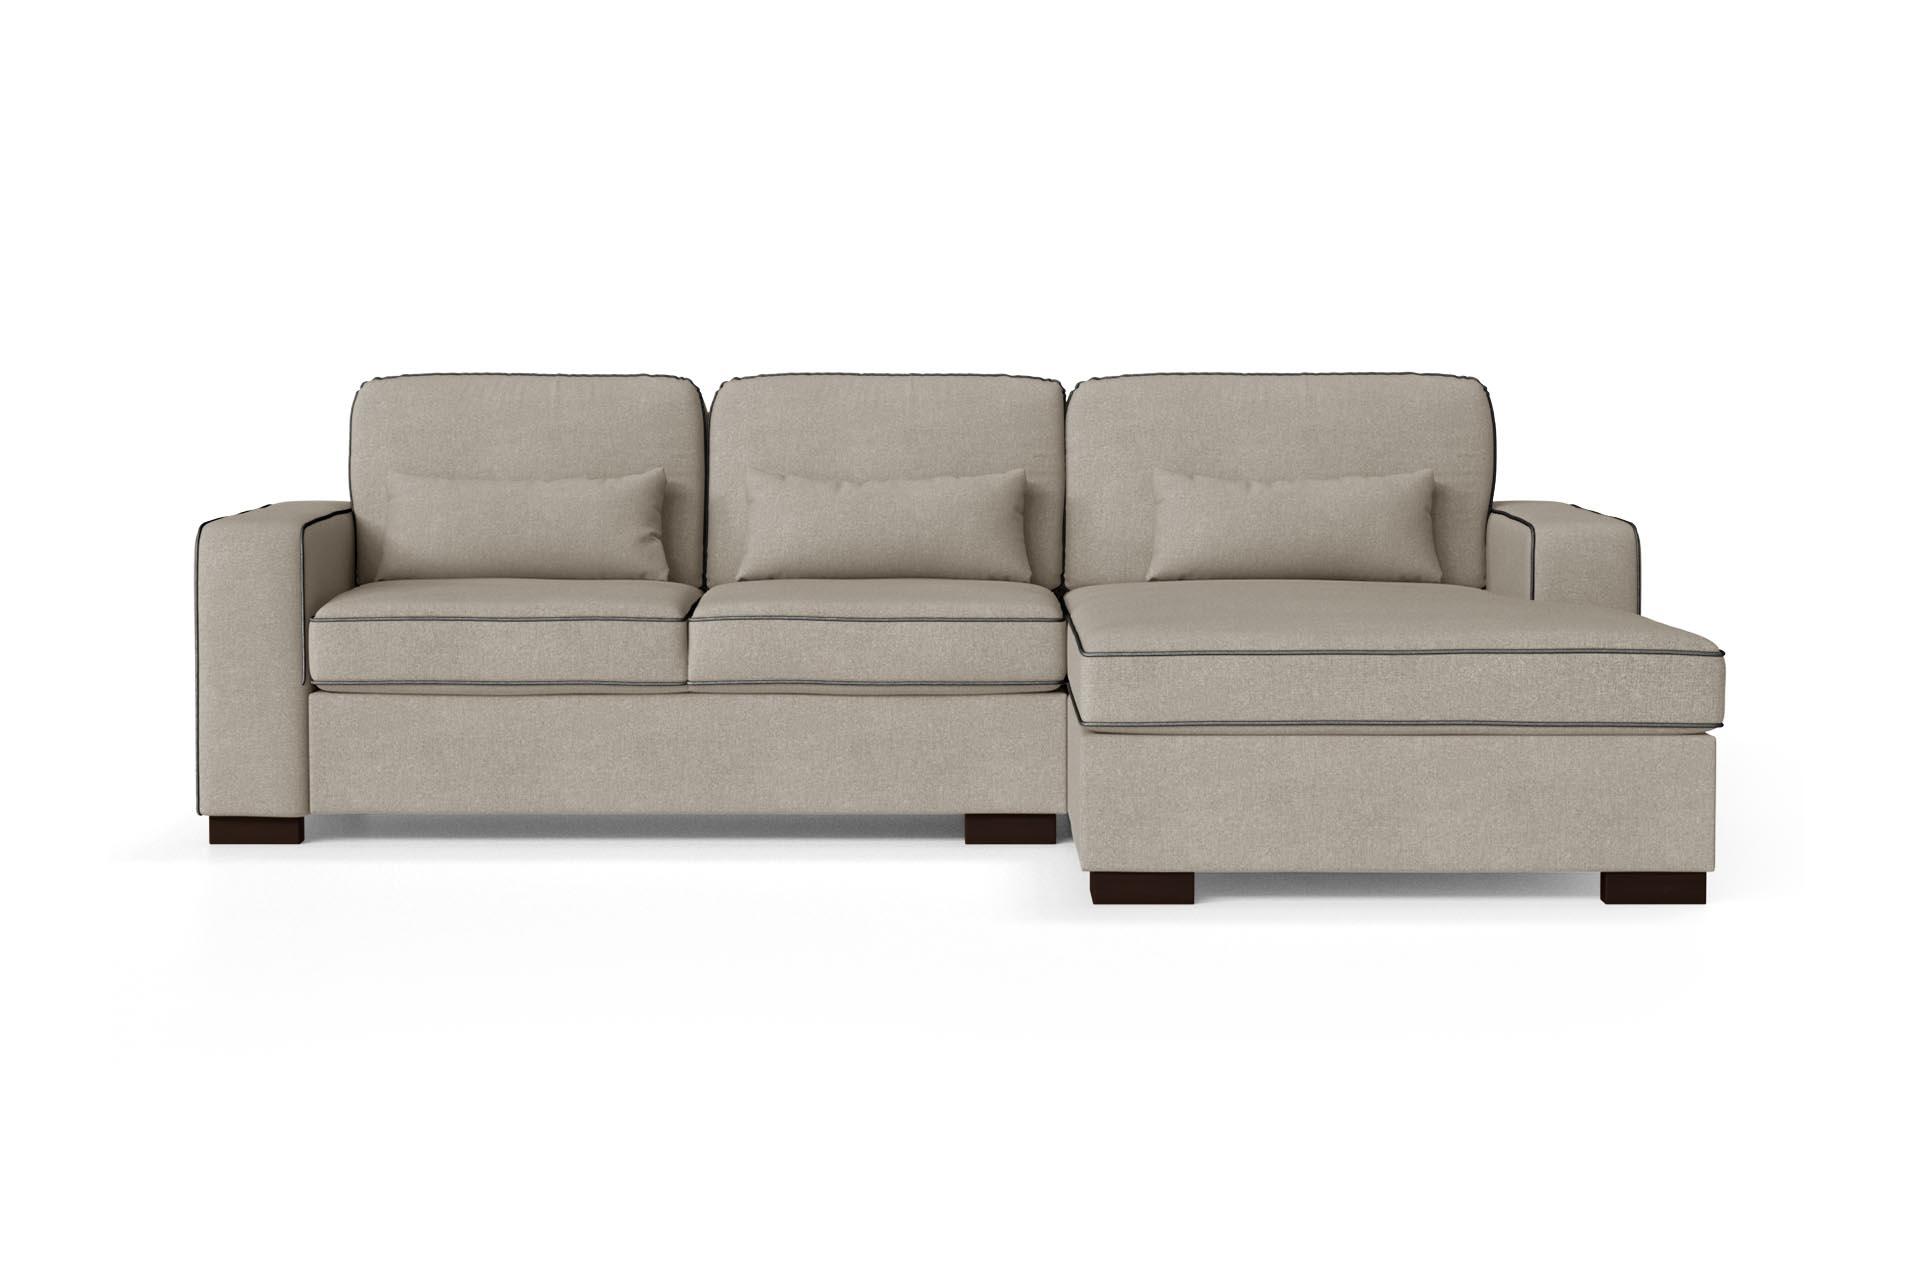 Canapé d'angle droit 4 places toucher coton taupe/anthracite